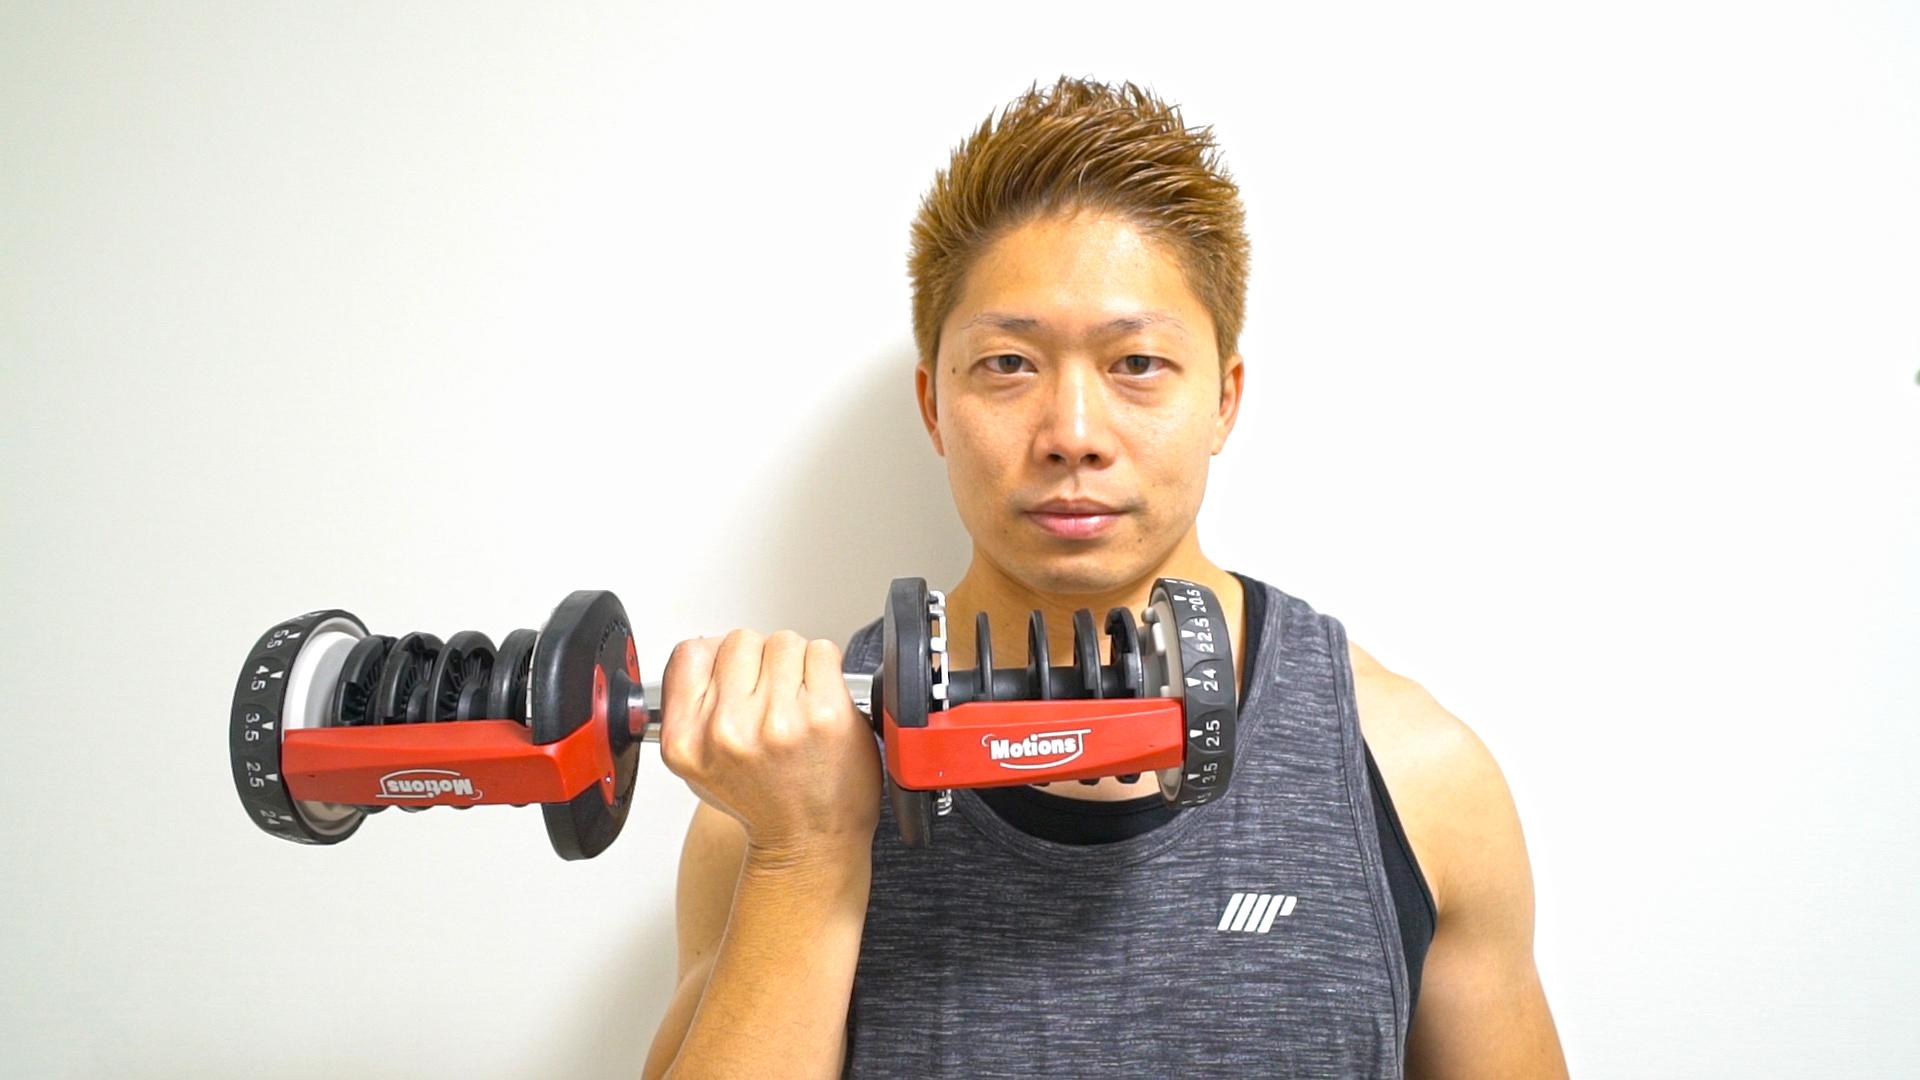 最強のダンベル!モーションズダンベル(ダイヤル可変式ダンベル)でダンベルトレ開始! | Muscle Watching